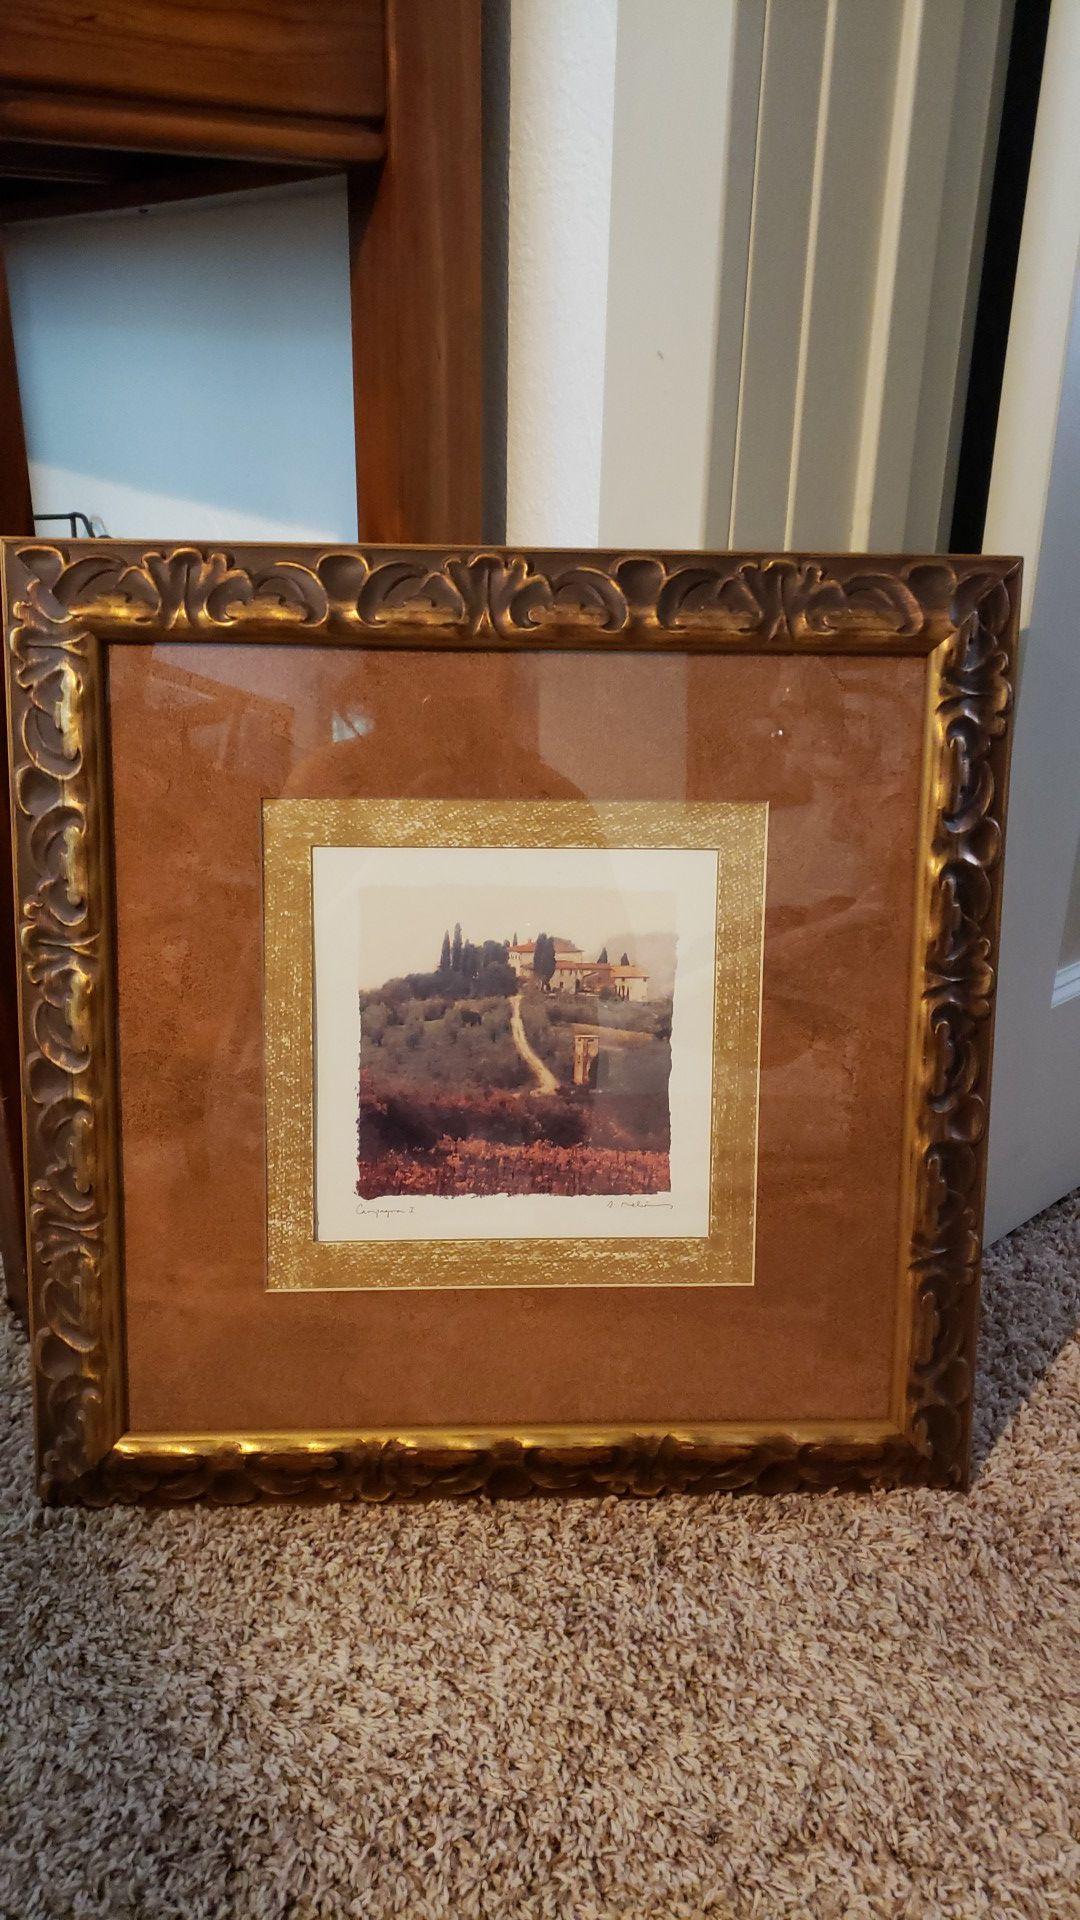 Decorative frames! Very nice frames!